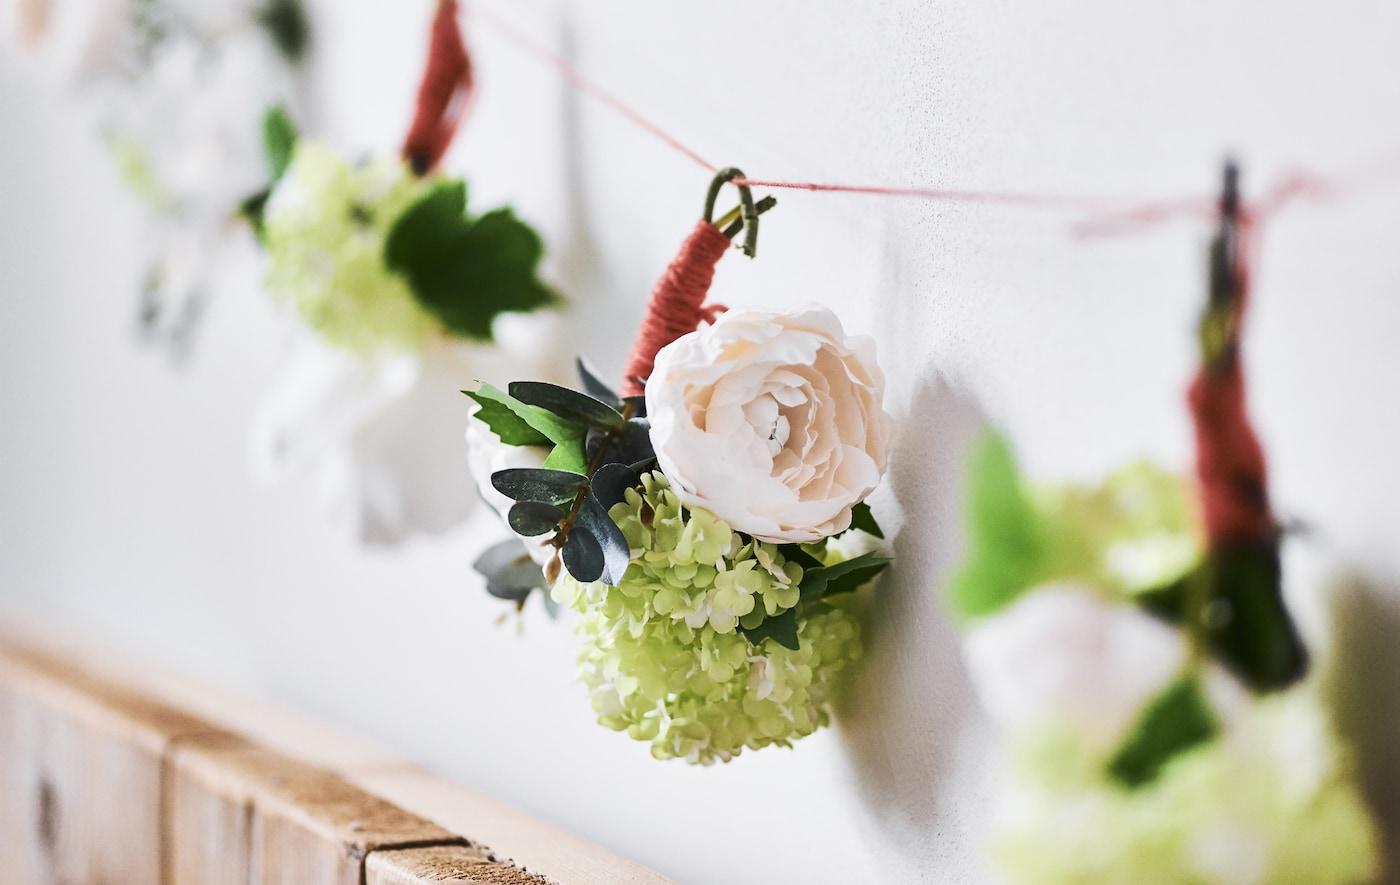 Nahaufnahme einer Blumengirlande an einer weißen Wand